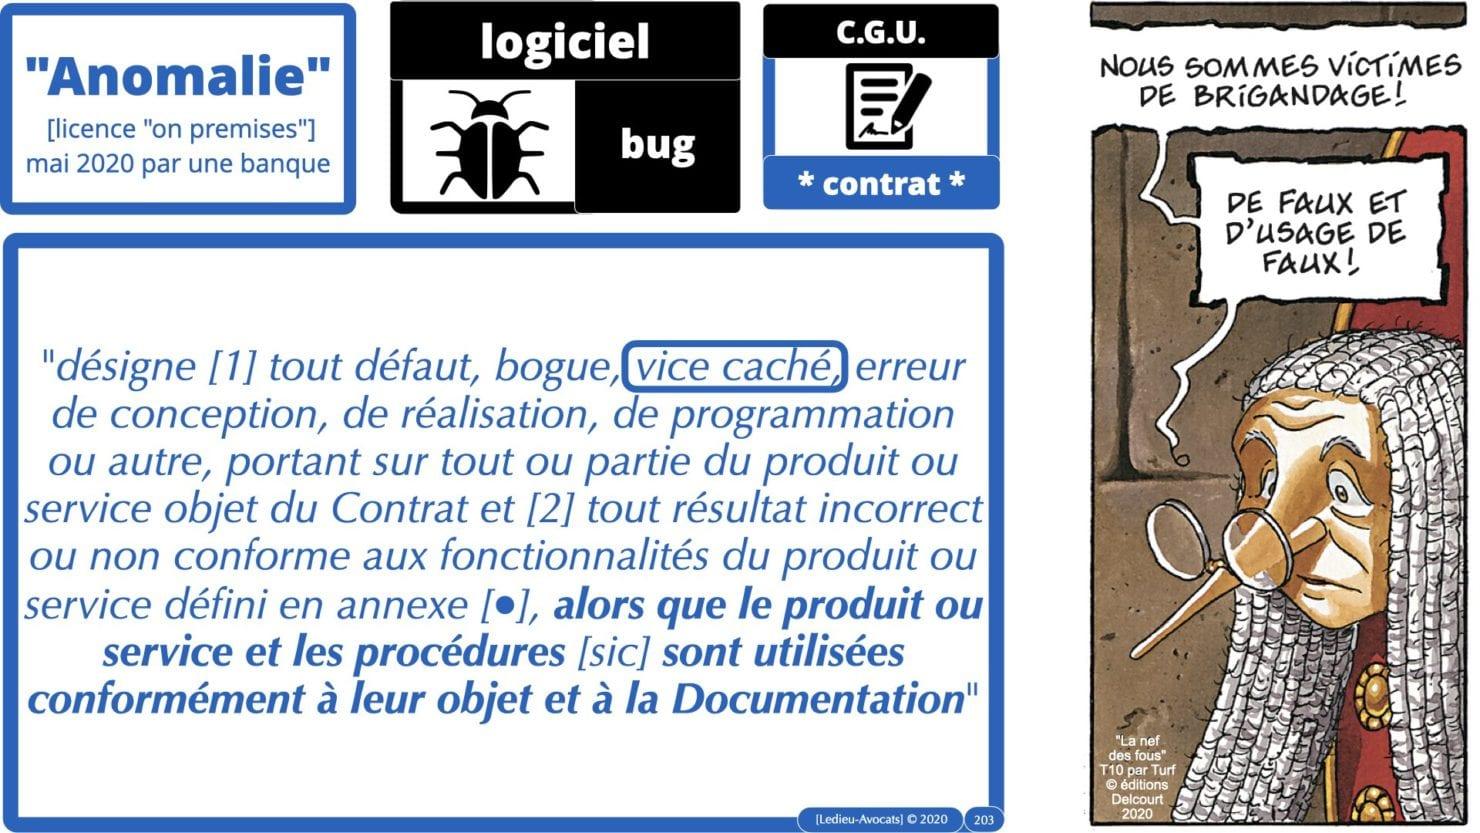 333 CYBER ATTAQUE responsabilité pénale civile contrat © Ledieu-Avocats 23-05-2021.203